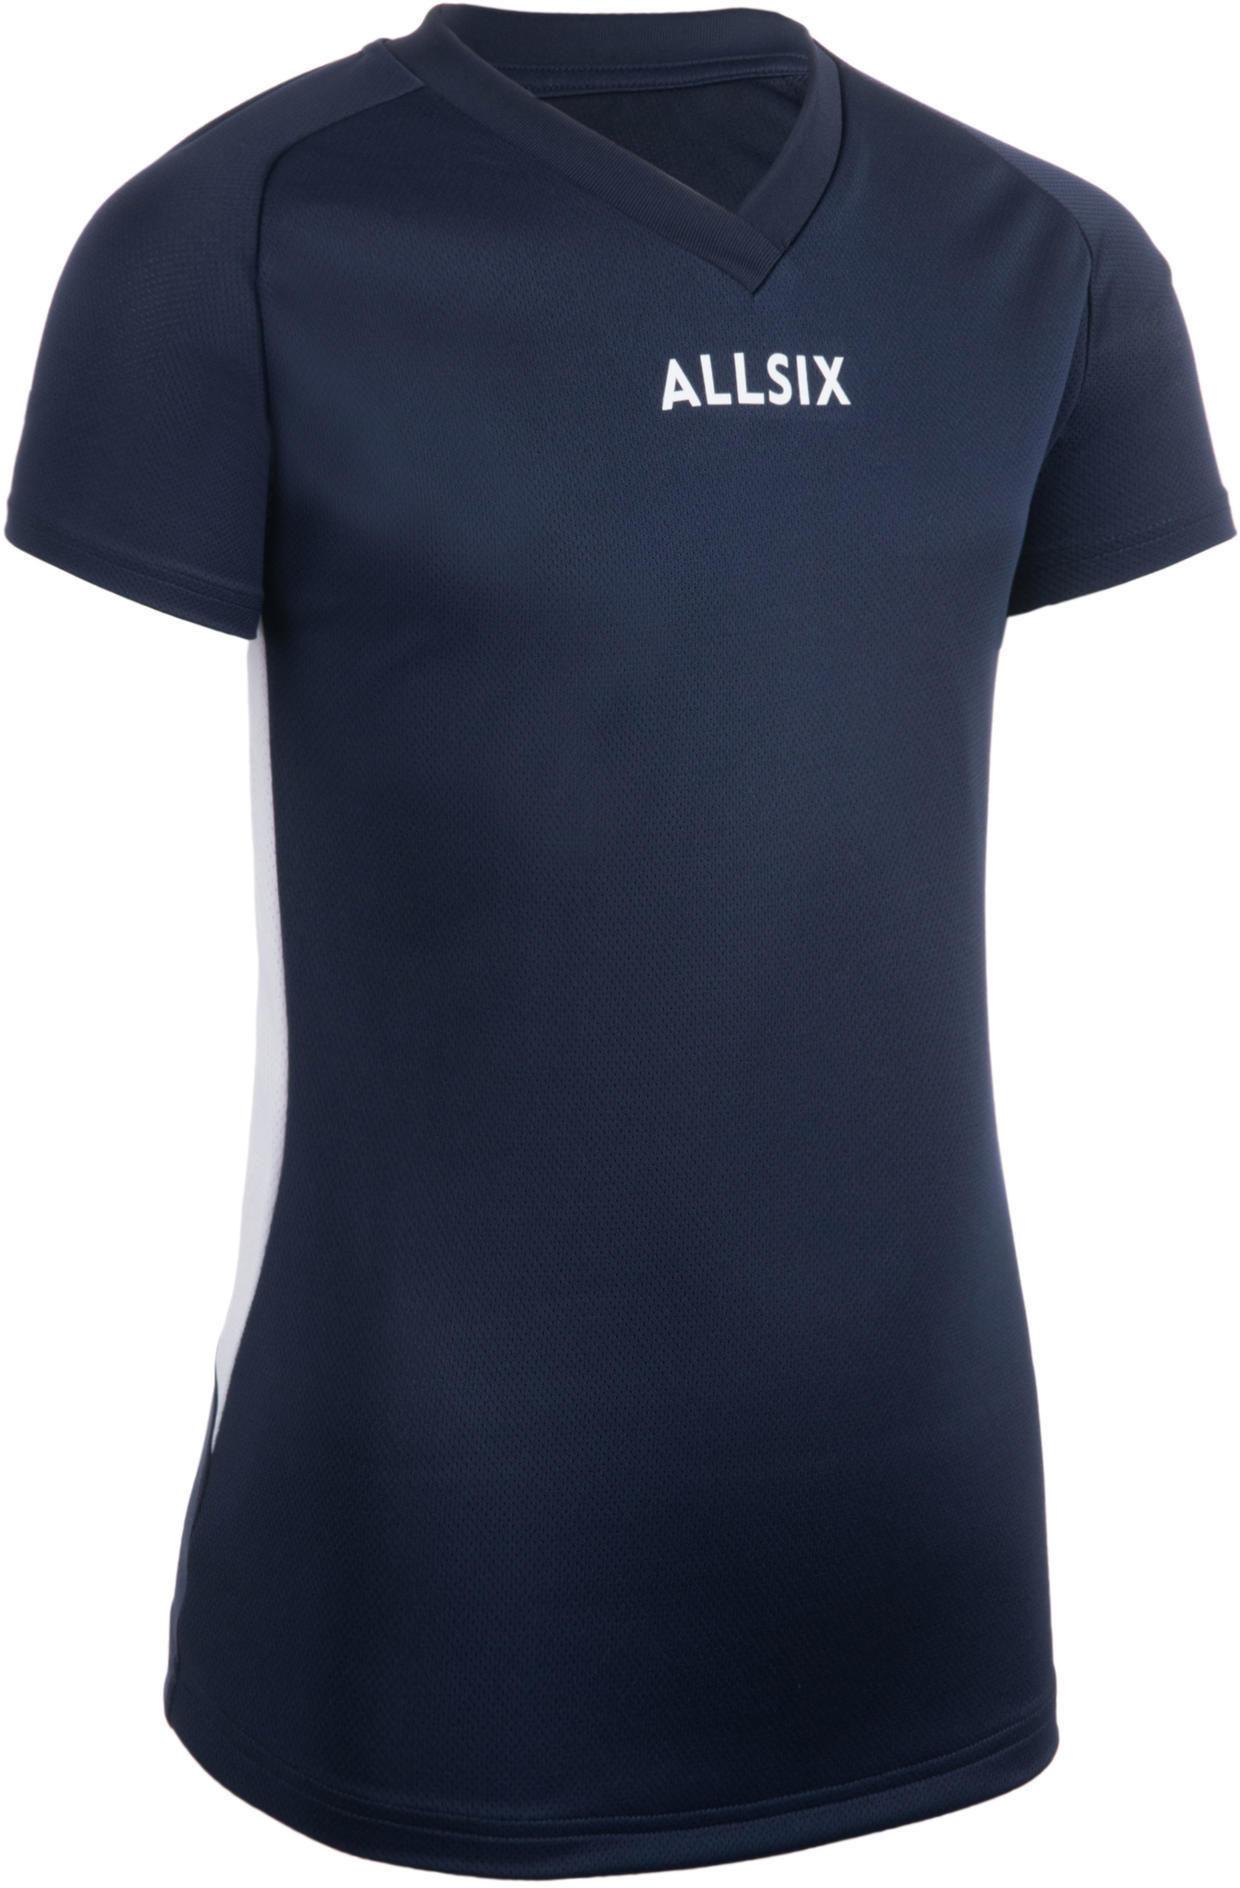 Koszulka siatkarska dla dziewczynek Allsix V100 granatowa